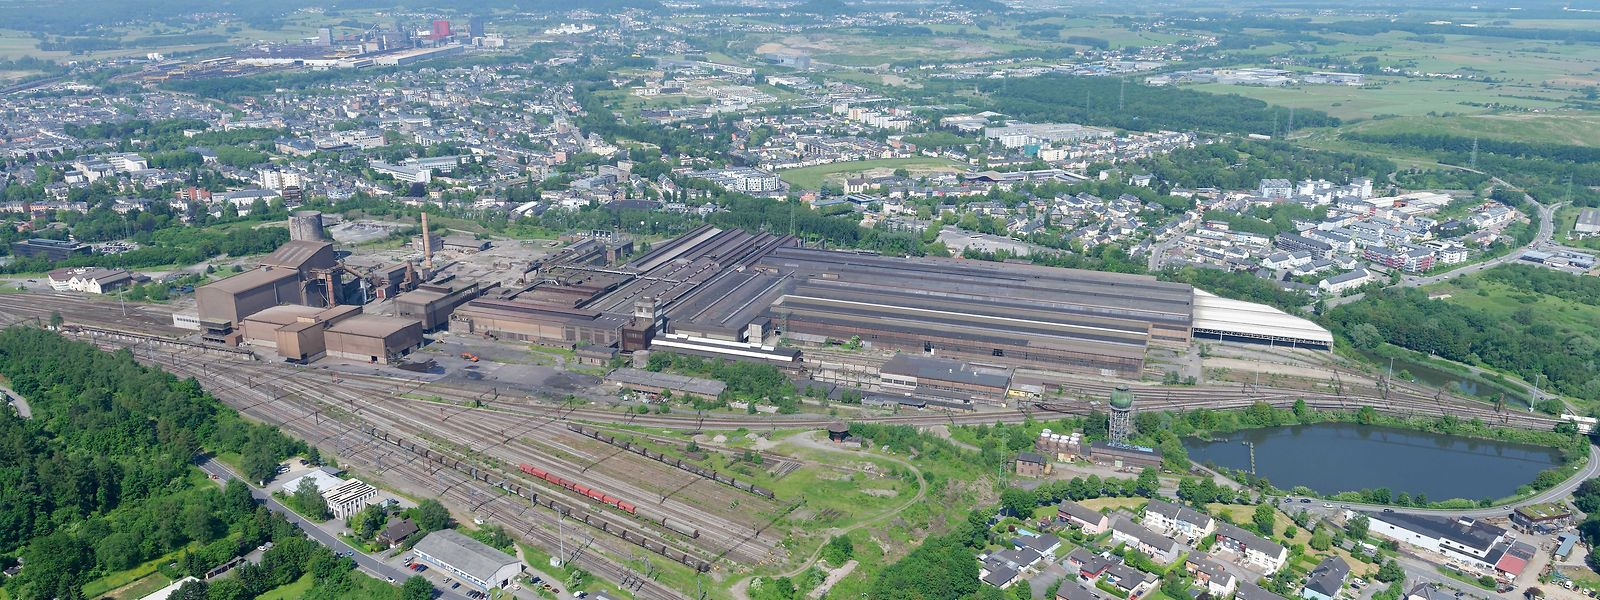 """Das frühere Produktionsgelände erstreckt sich auf 54 Hektare. Acht weitere sind im Besitz des """"Fonds du Rail""""."""